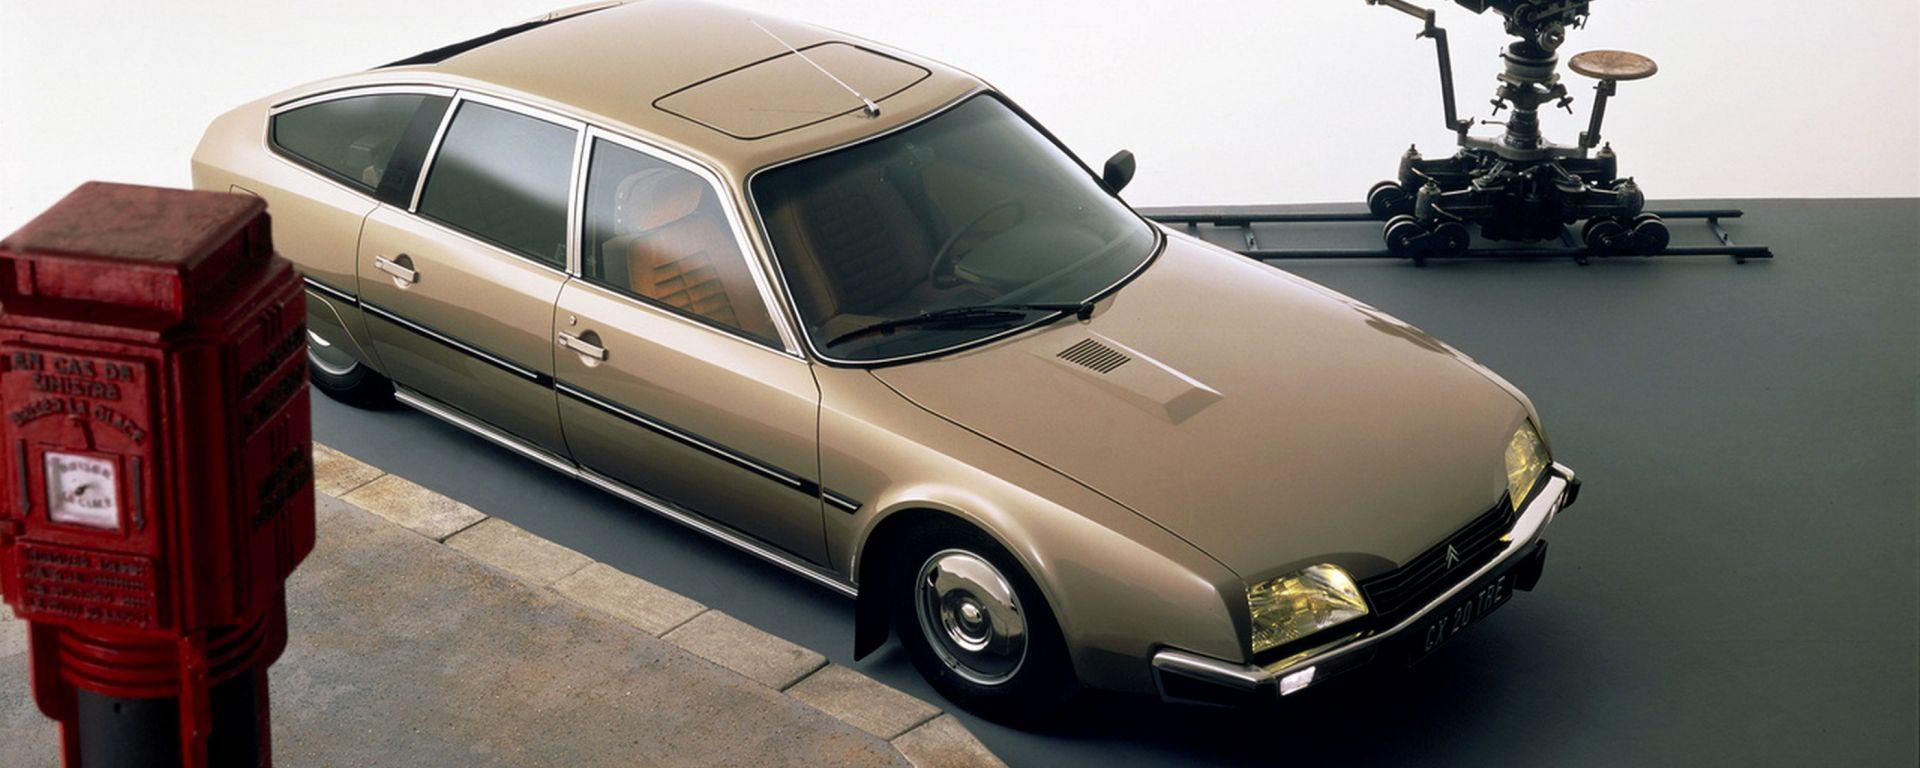 Citroën CX, i miei primi 40 anni